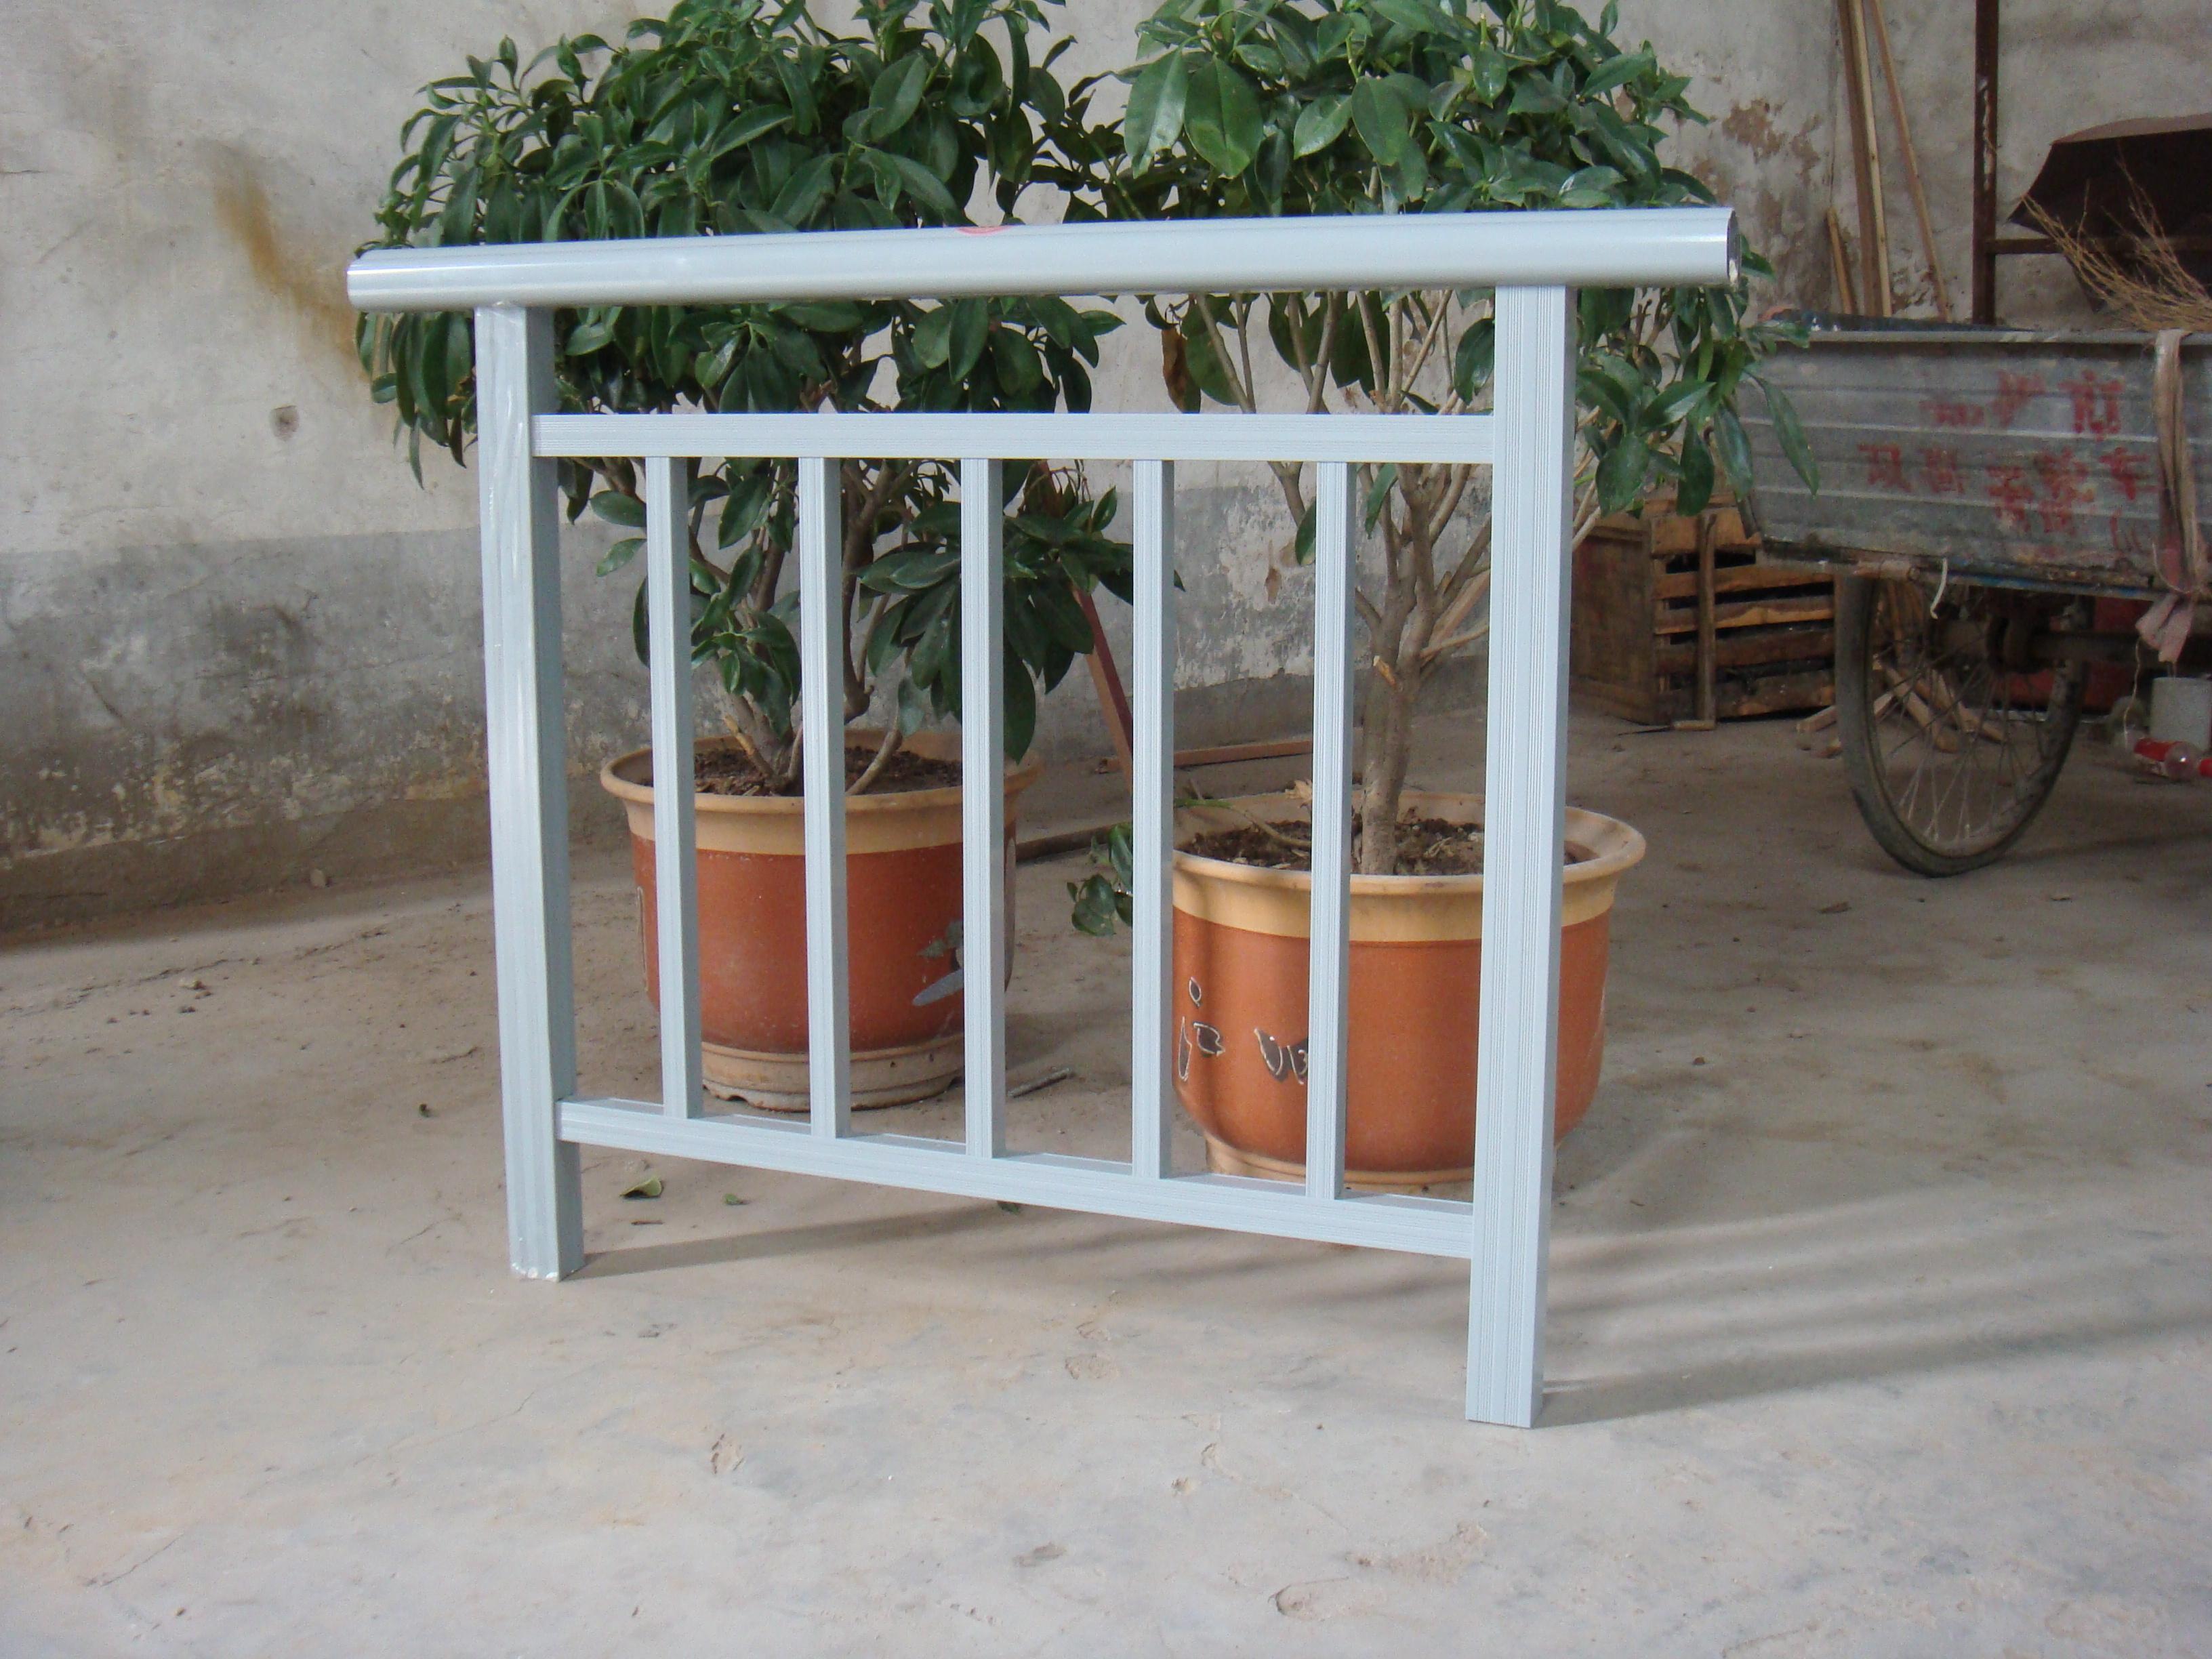 供应铝合金阳台护栏;; 市政护栏-铝合金防护隔离栏杆; 铝合金栏杆hsy